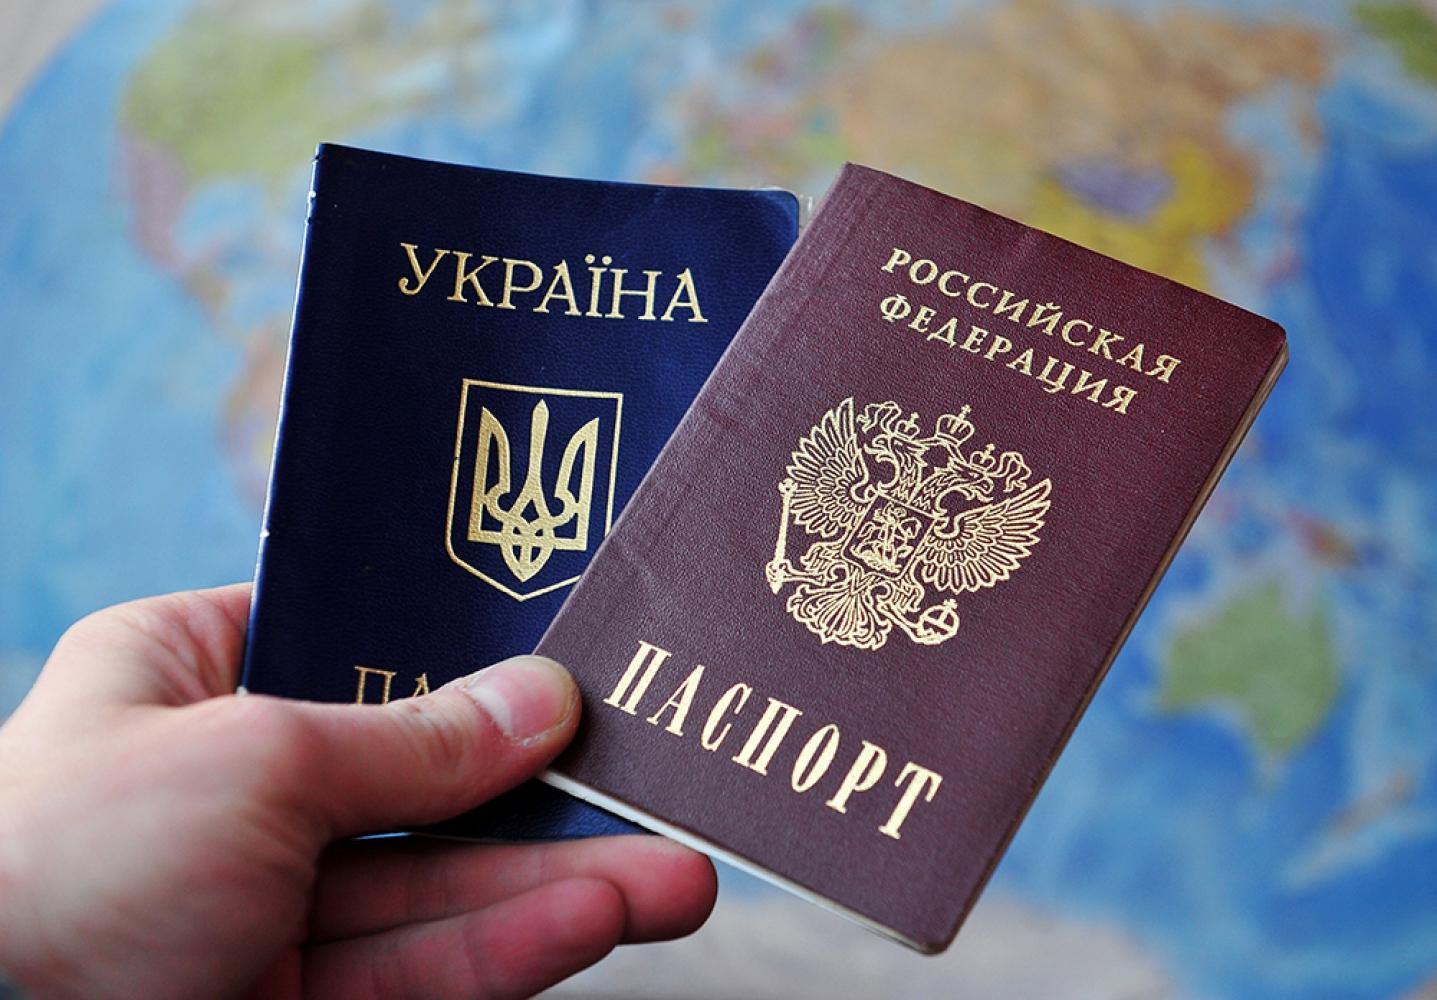 Ukrayna və Rusiya arasında sərbəst keçid dayandırıldı